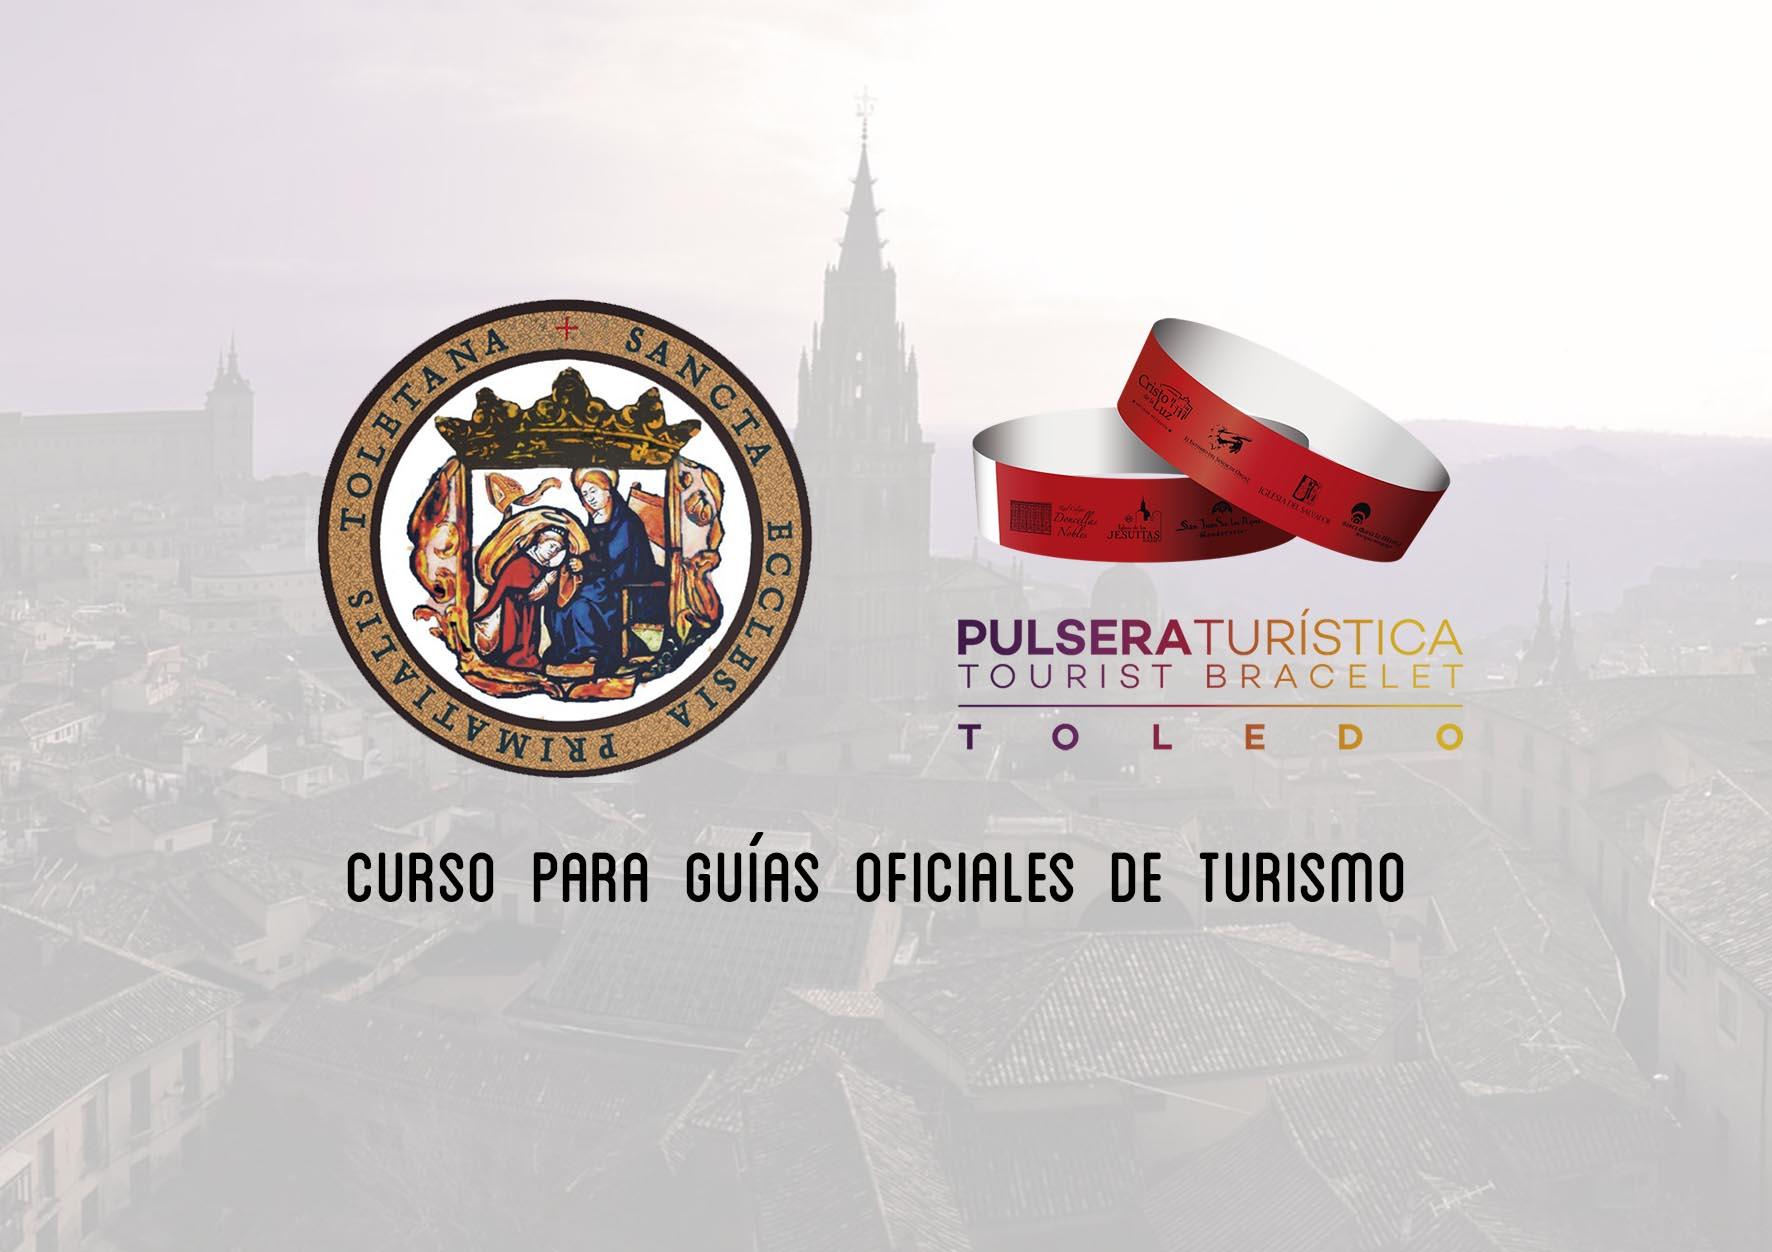 Curso para guías de turismo sobre Catedral y Pulsera turística